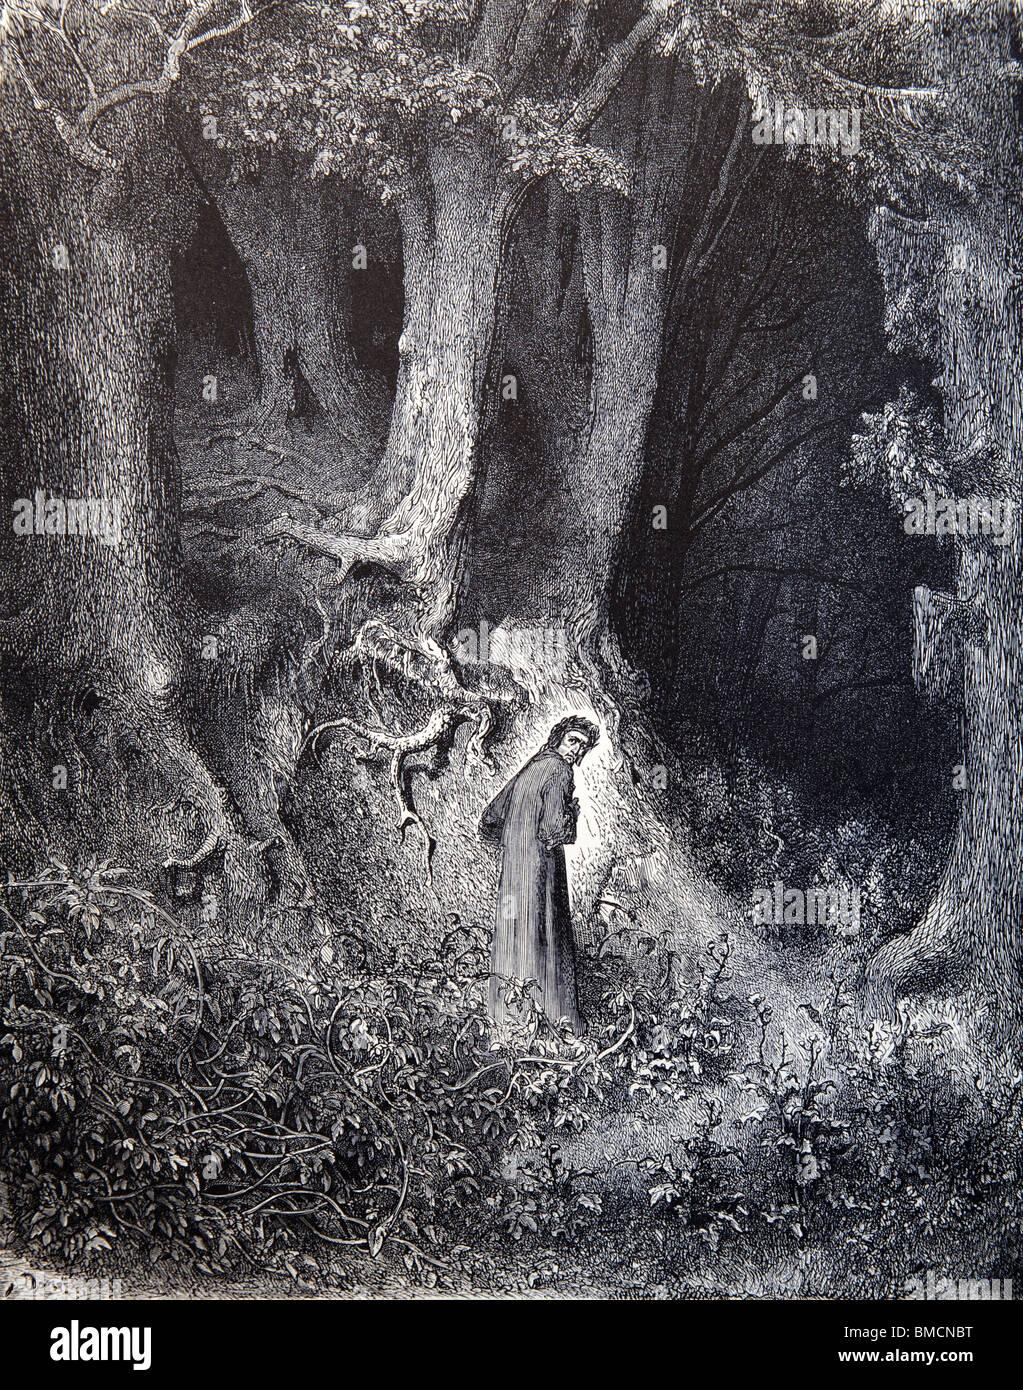 """Stich von Gustave Doré aus Alighieris göttliche Komödie """"Inferno"""" oder 'Visionen der Stockbild"""